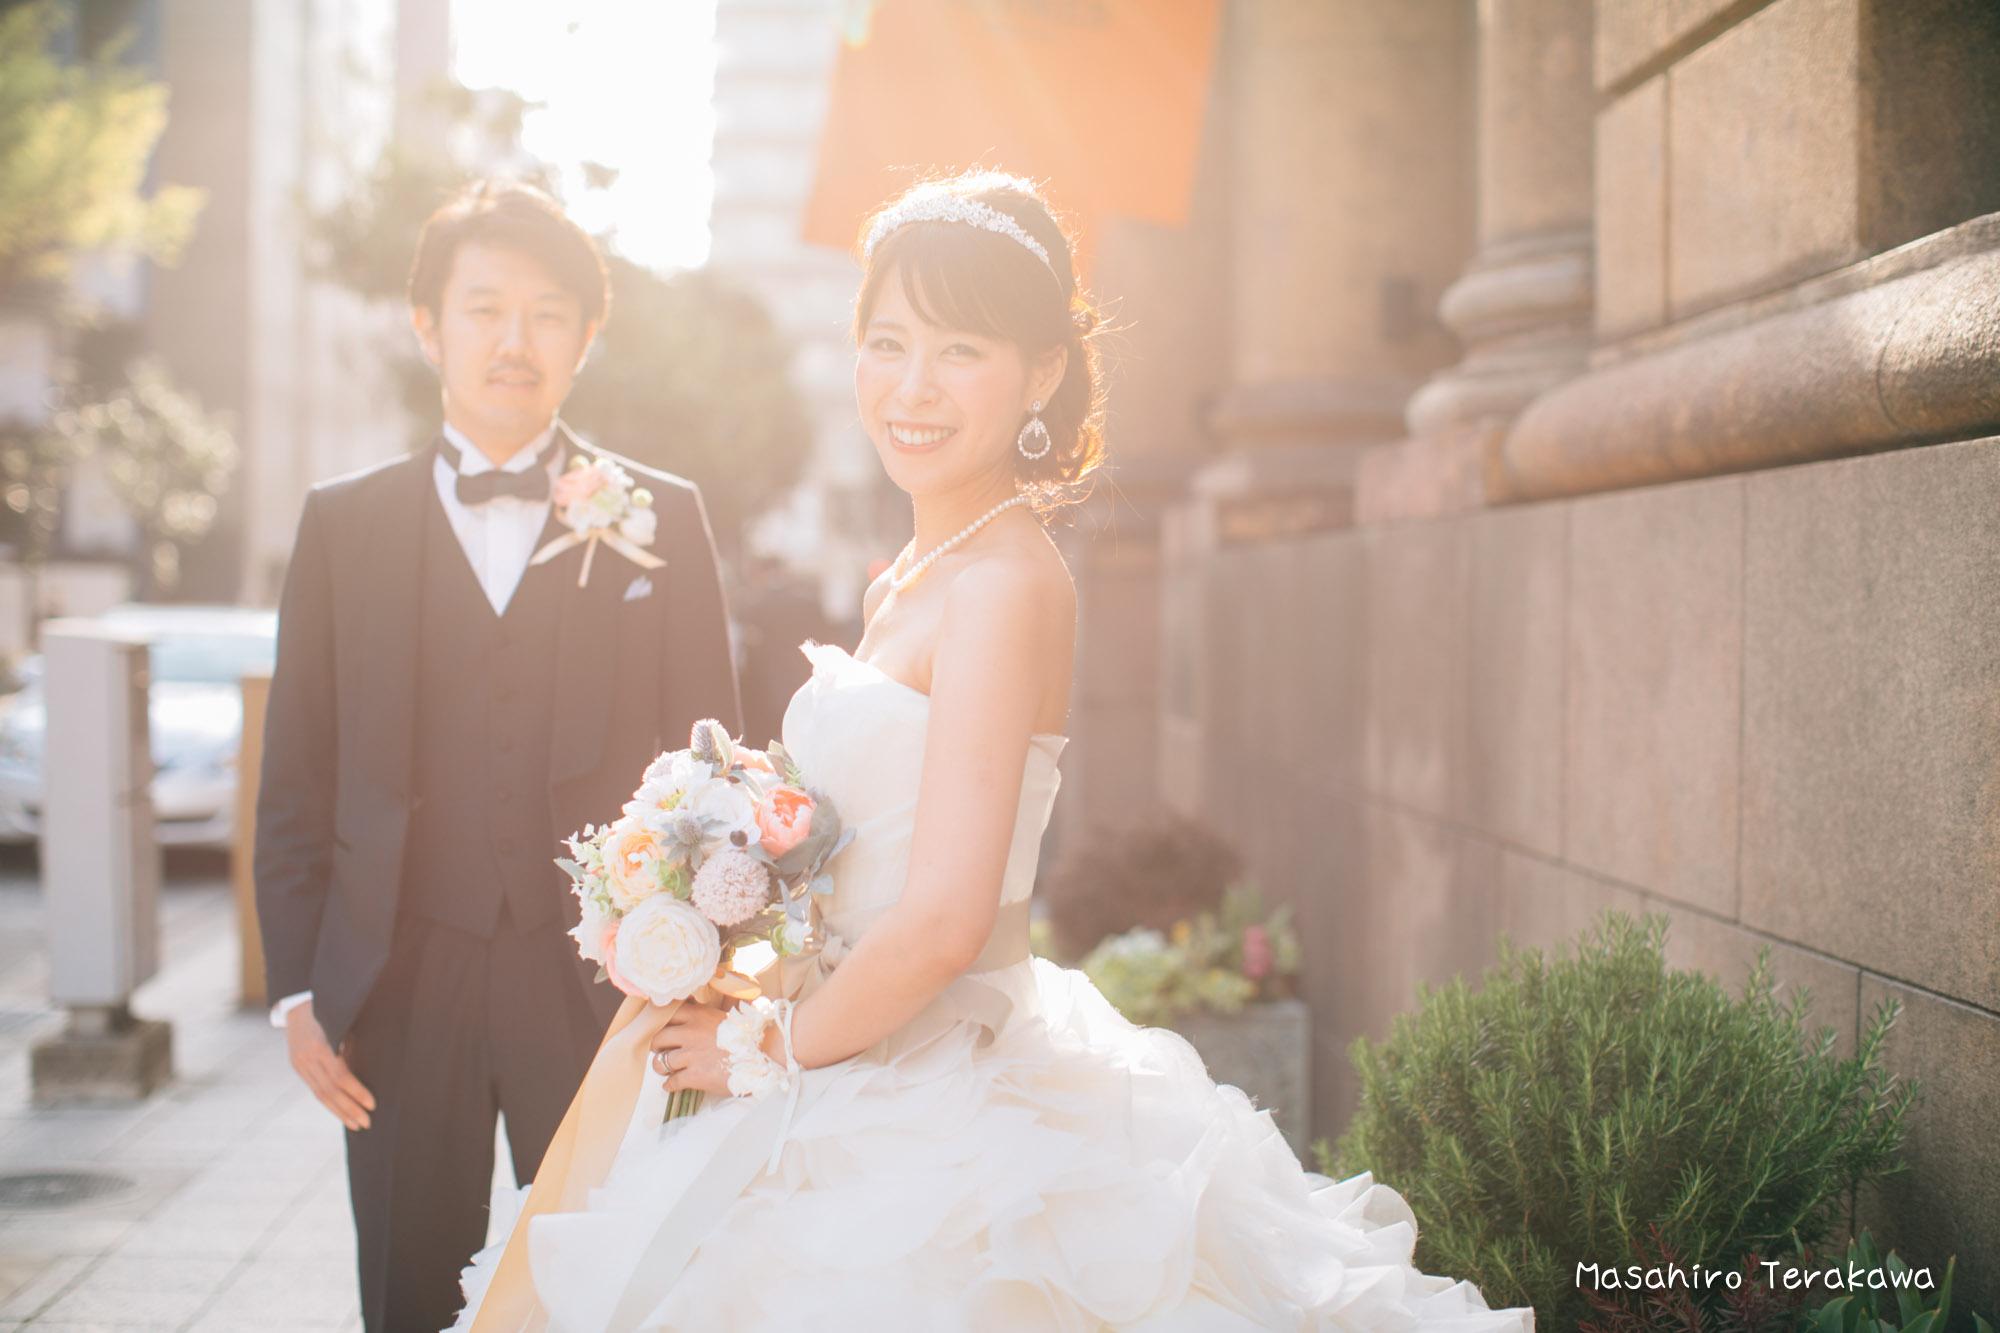 トリートドレッシングのウェディングドレスで結婚式前撮り14